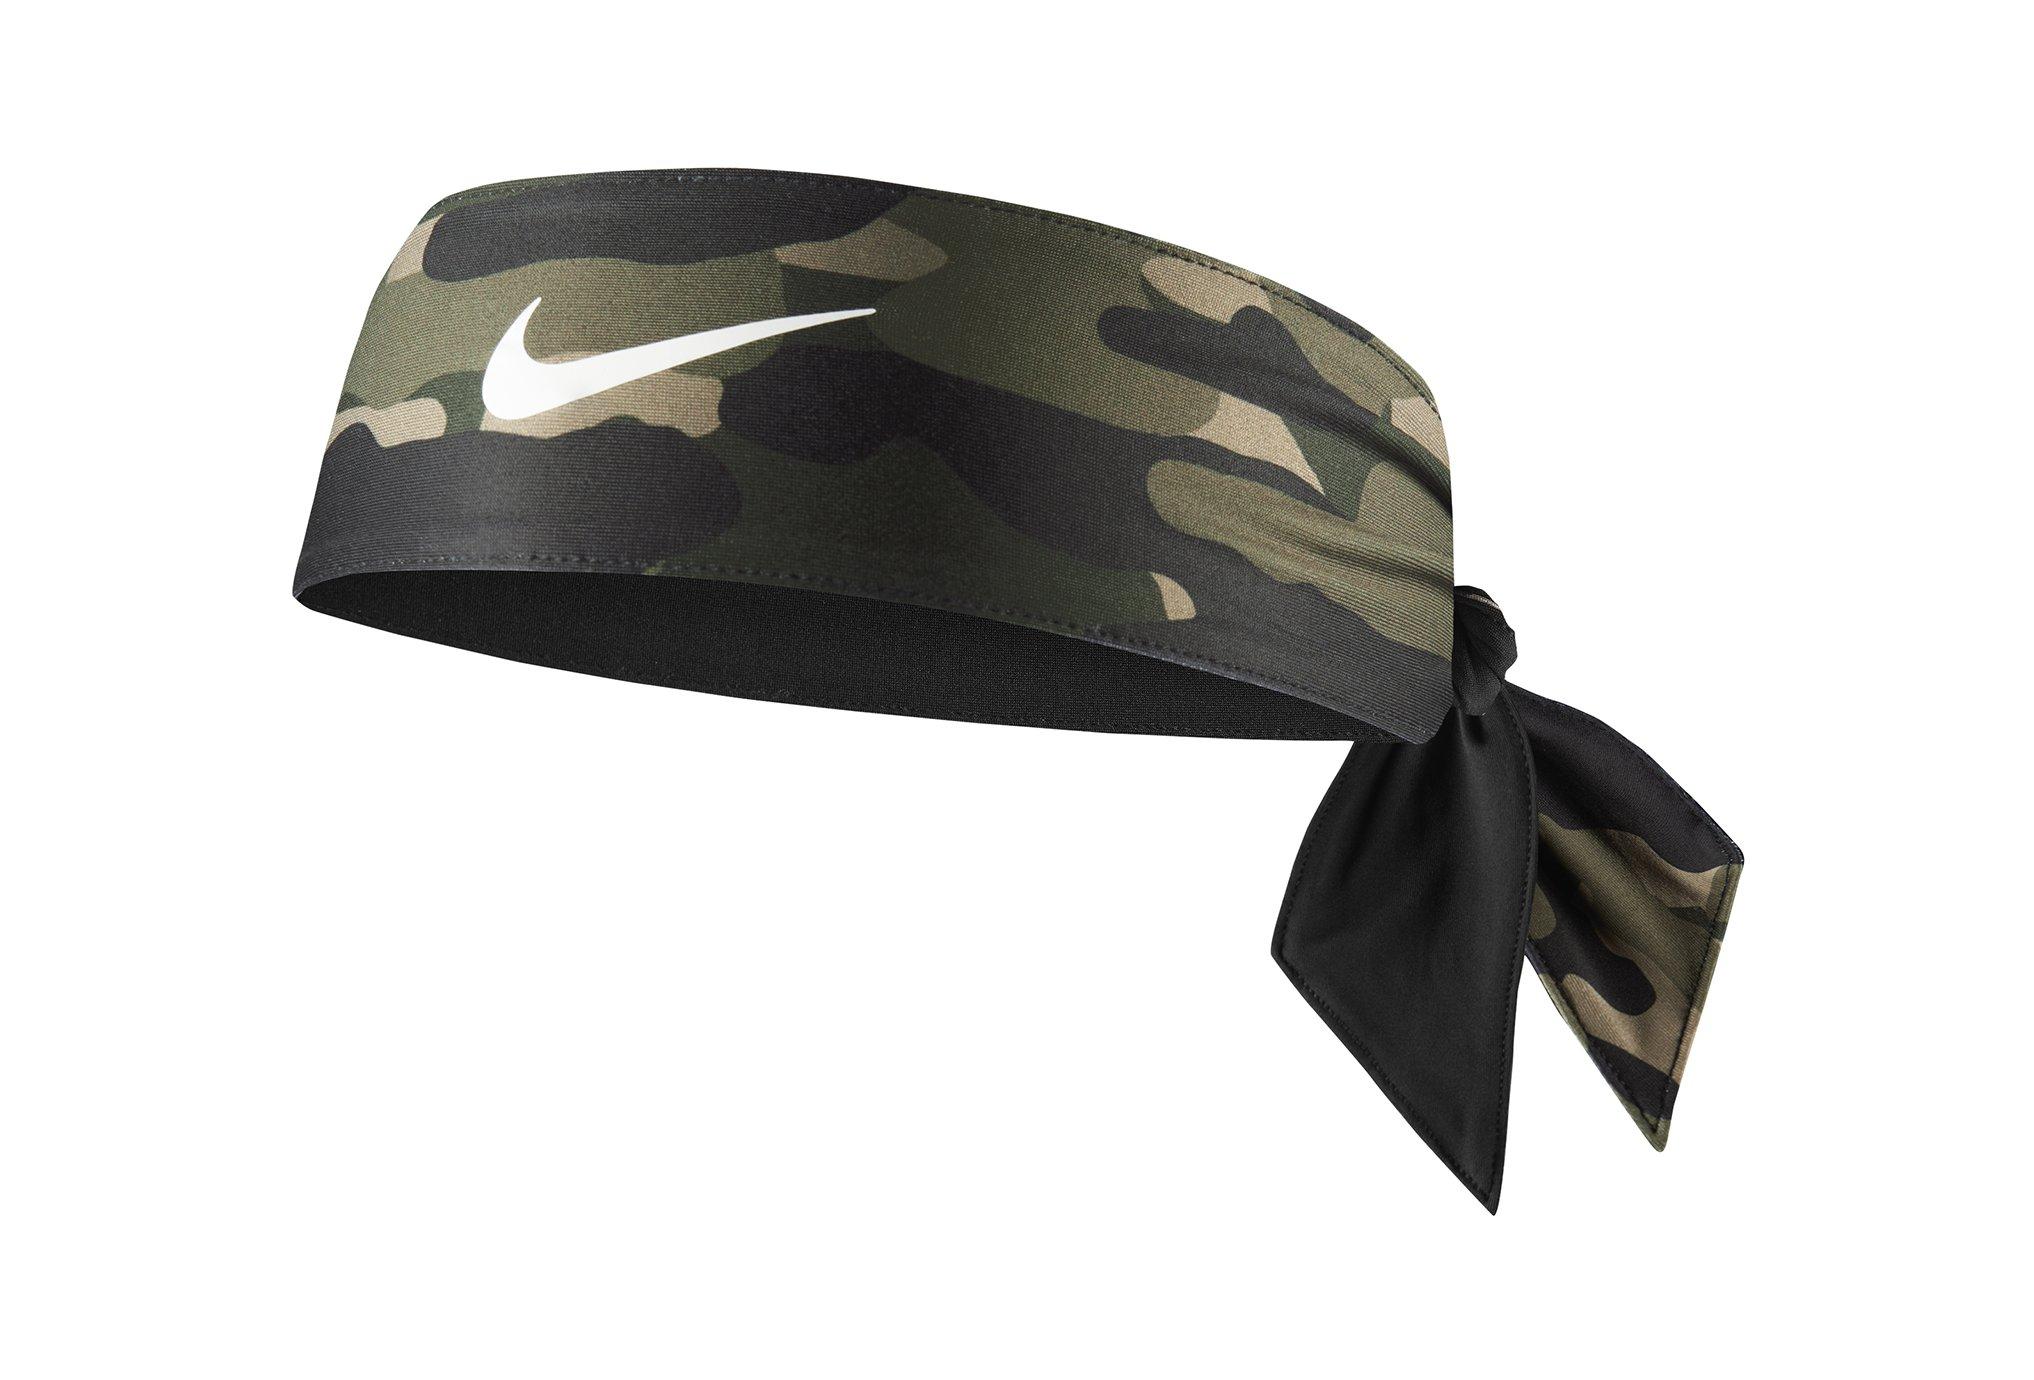 Nike Dri-Fit Head Tie 2.0 Reversible Casquettes / bandeaux